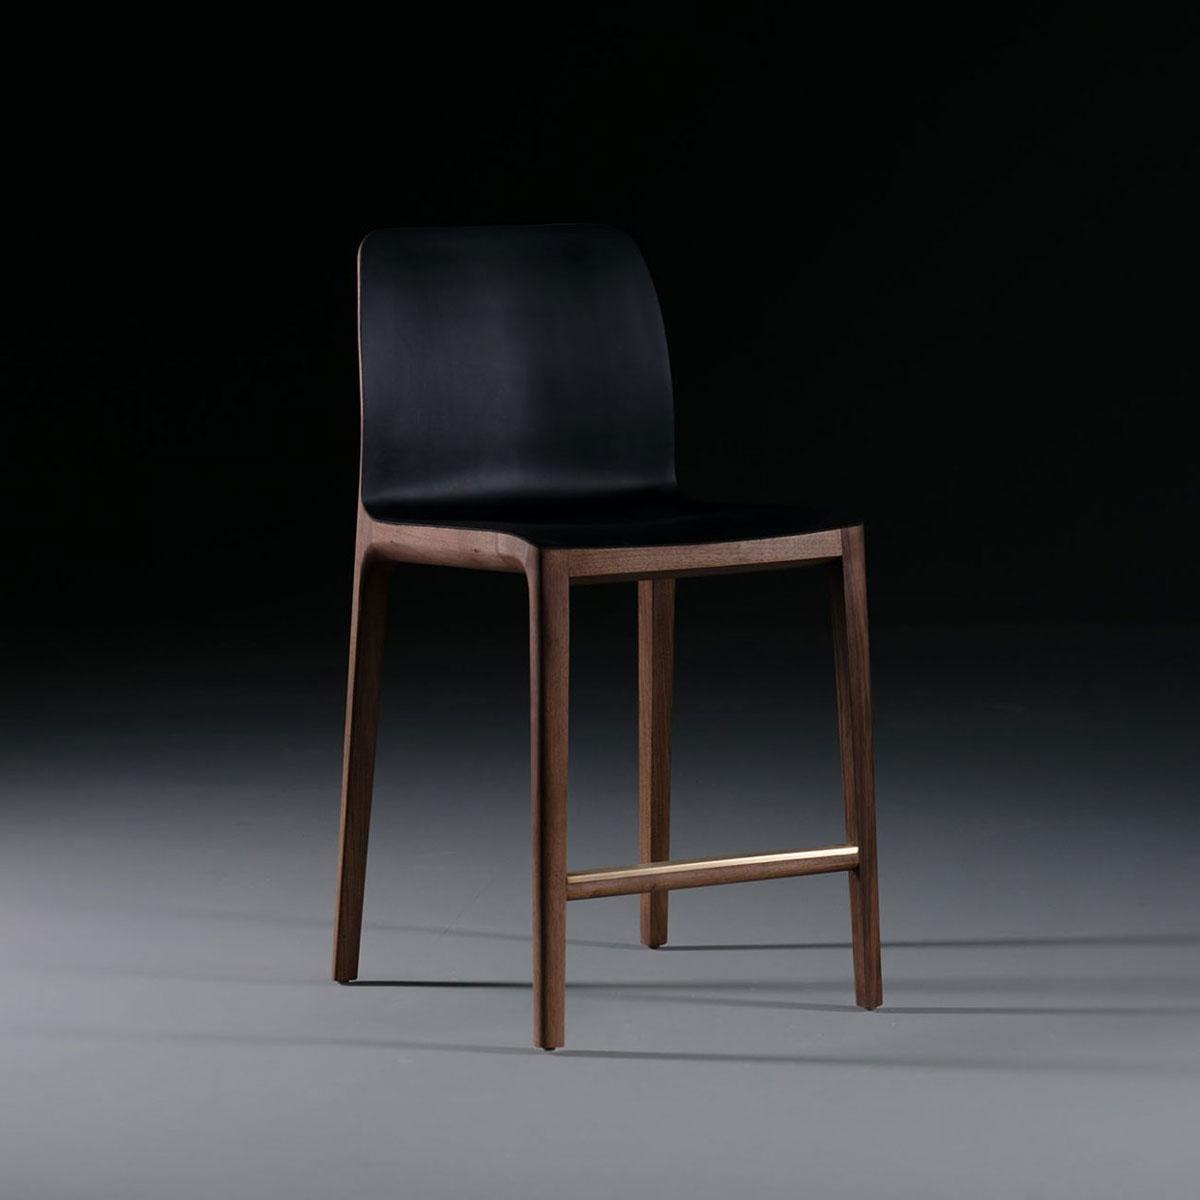 Silla Bar Invito, diseño vanguardista en madera y cuero de calidad, realizada artesanamelnte en Europa